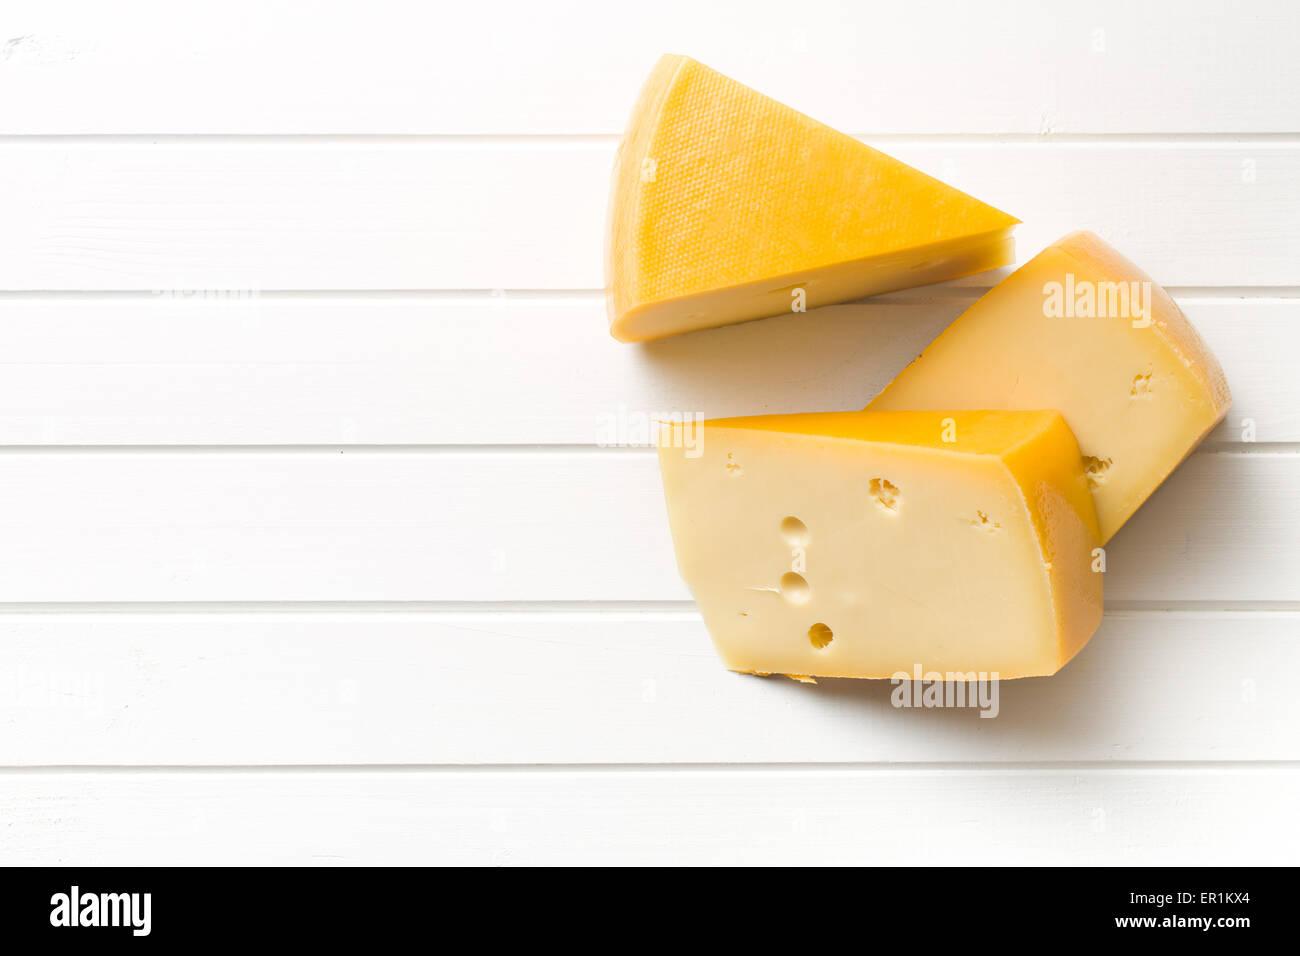 Vista superiore del formaggio edam Immagini Stock